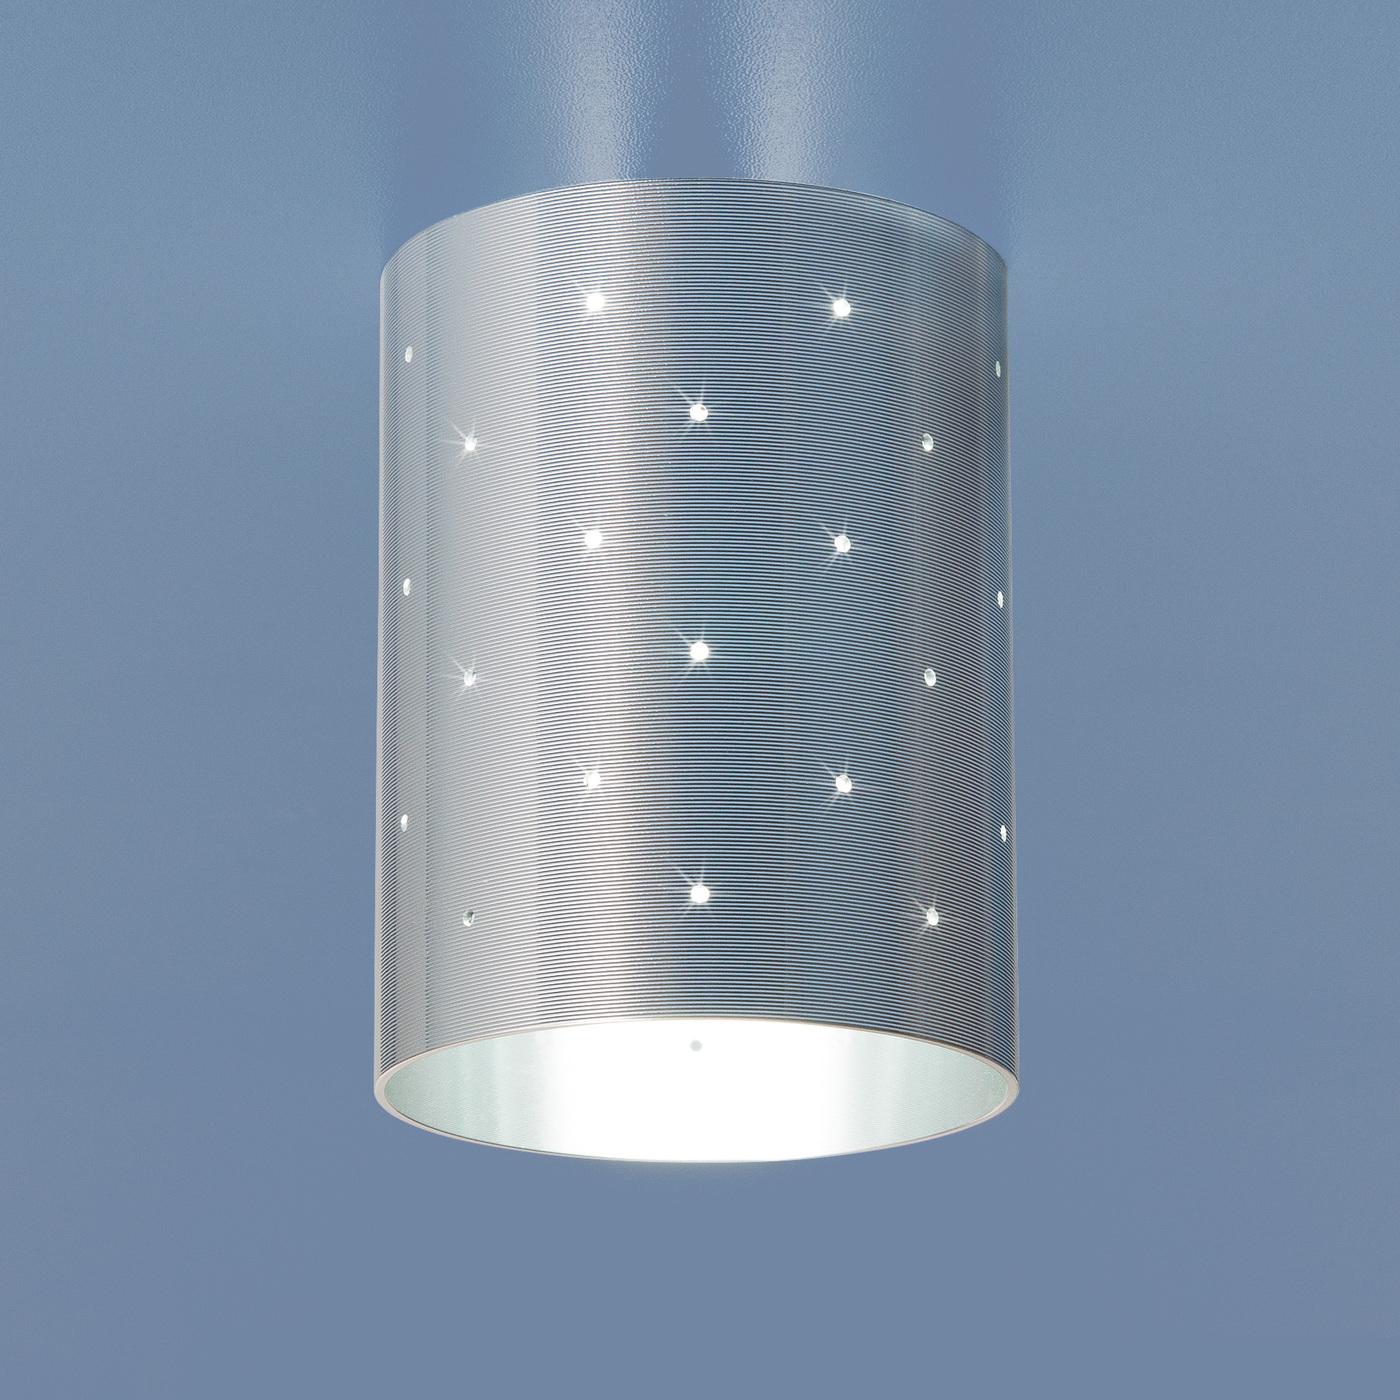 Встраиваемый светильник Elektrostandard Накладной потолочный 6072 MR16 CH, G5.3 эра c0043804 st3 ch mr16 12v 220v 50w хром